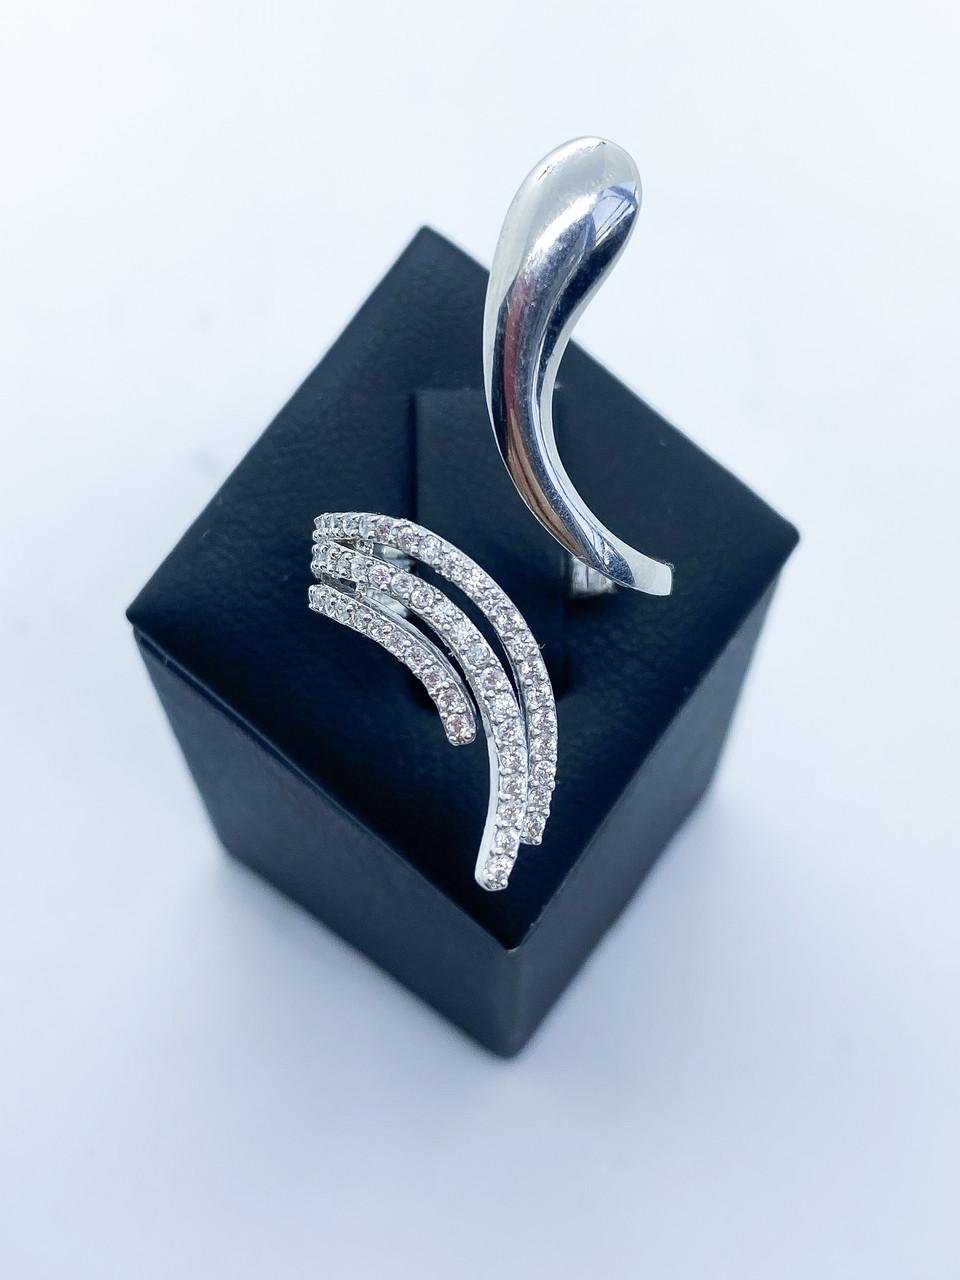 Кольцо из серебра 925 Beauty Bar удлиненная модель  (Размер 16,5-17,5), фото 1